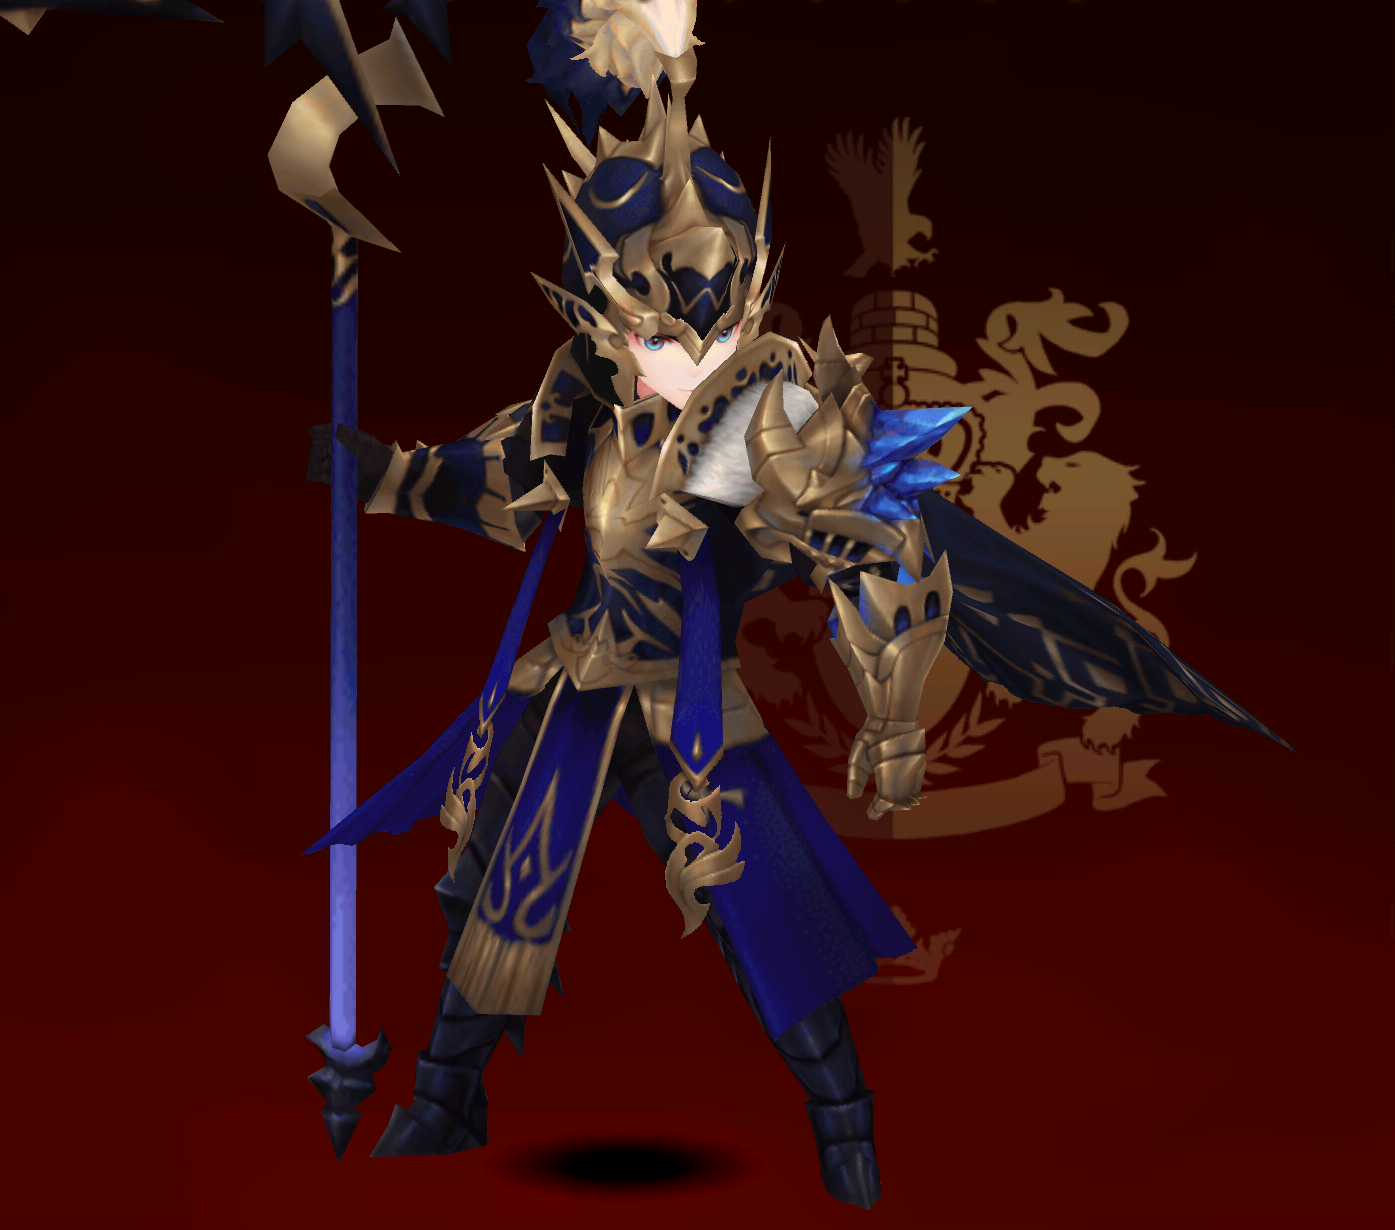 Annihilation Knight Dellons   Seven Knights Wiki   FANDOM